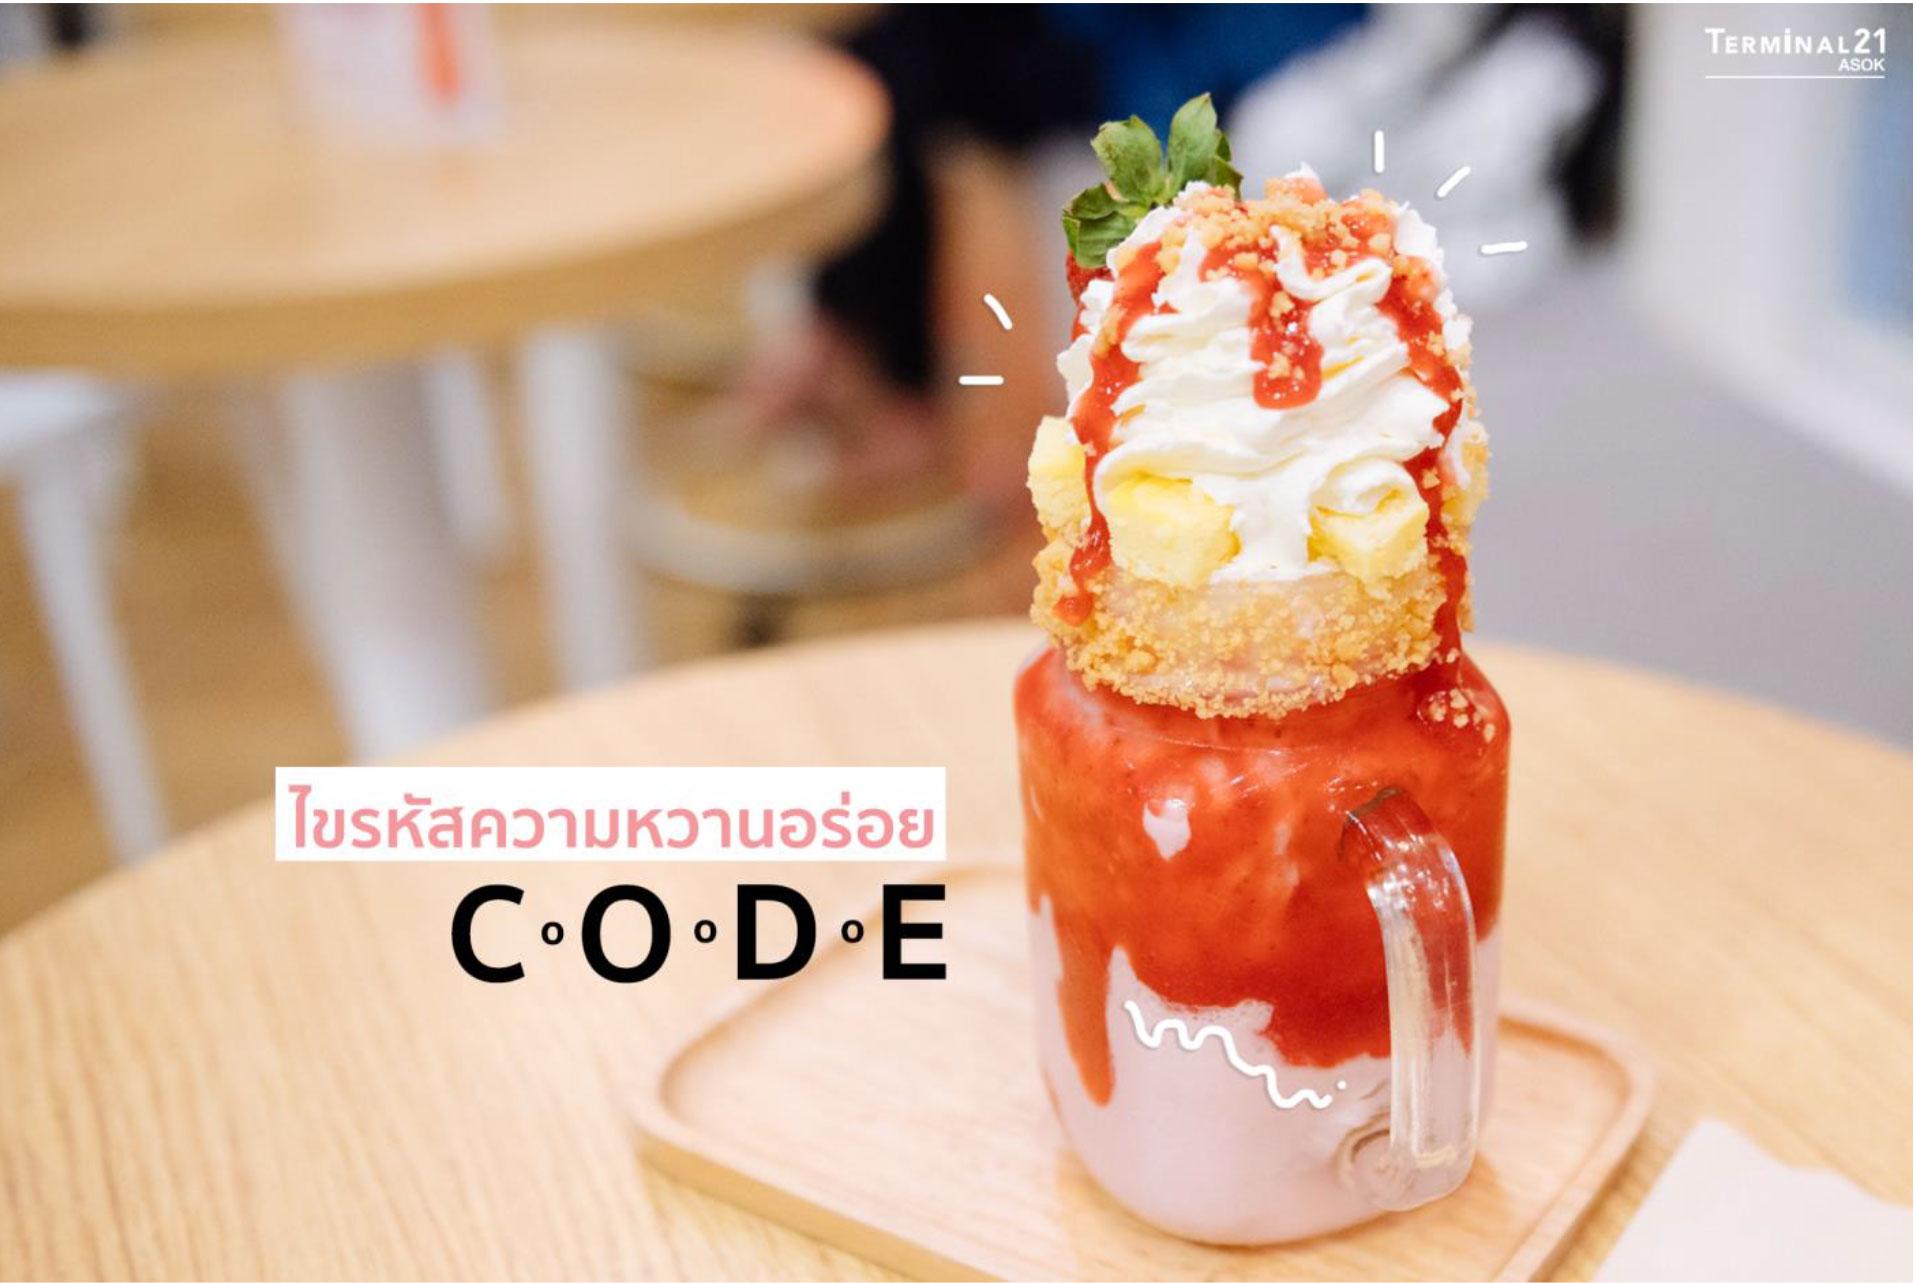 ไขความลับความหวานอร่อย CODE Café